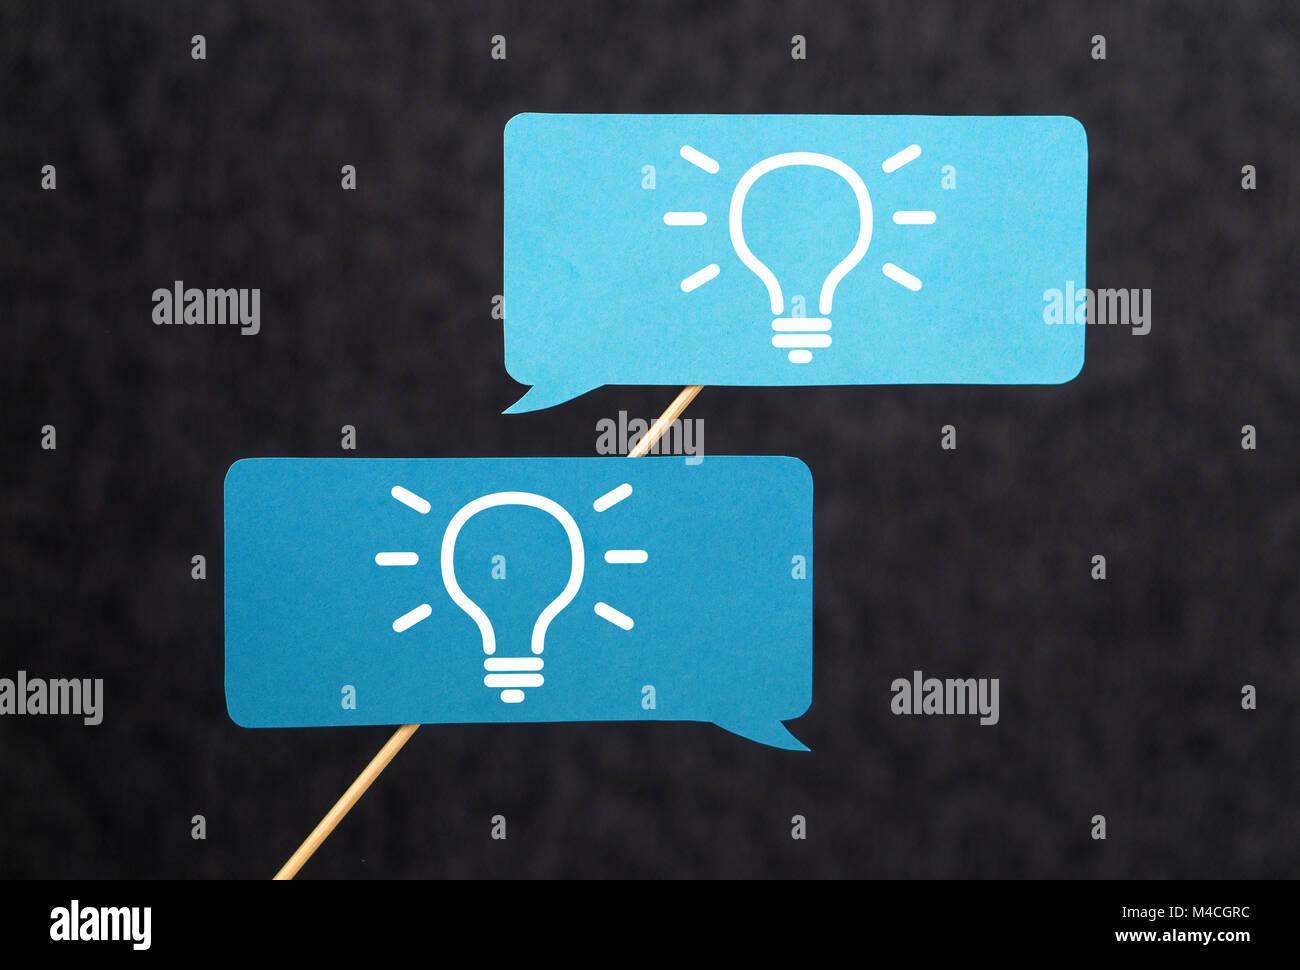 Innovación, ideas, inspiración y el concepto de trabajo en equipo. Vienen con nuevas ideas innovadoras Imagen De Stock